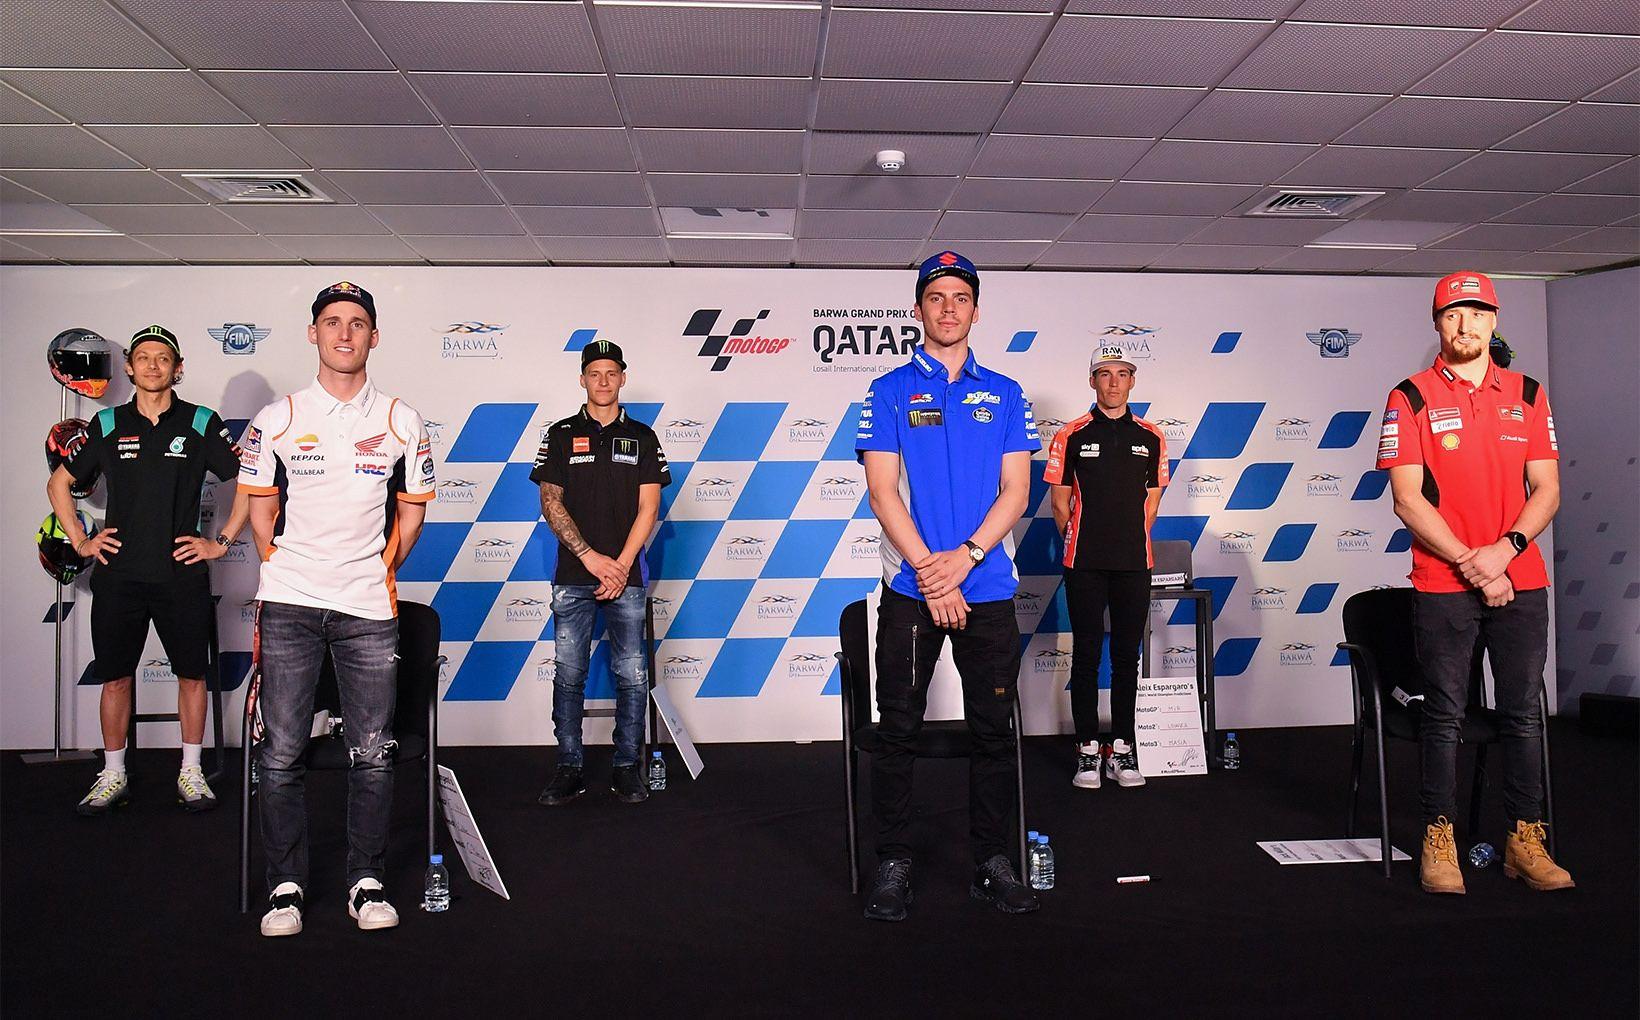 Credit - www.motogp.com (Rossi, Espargaro, Quartararo, Mir, Espargaro and Miller)